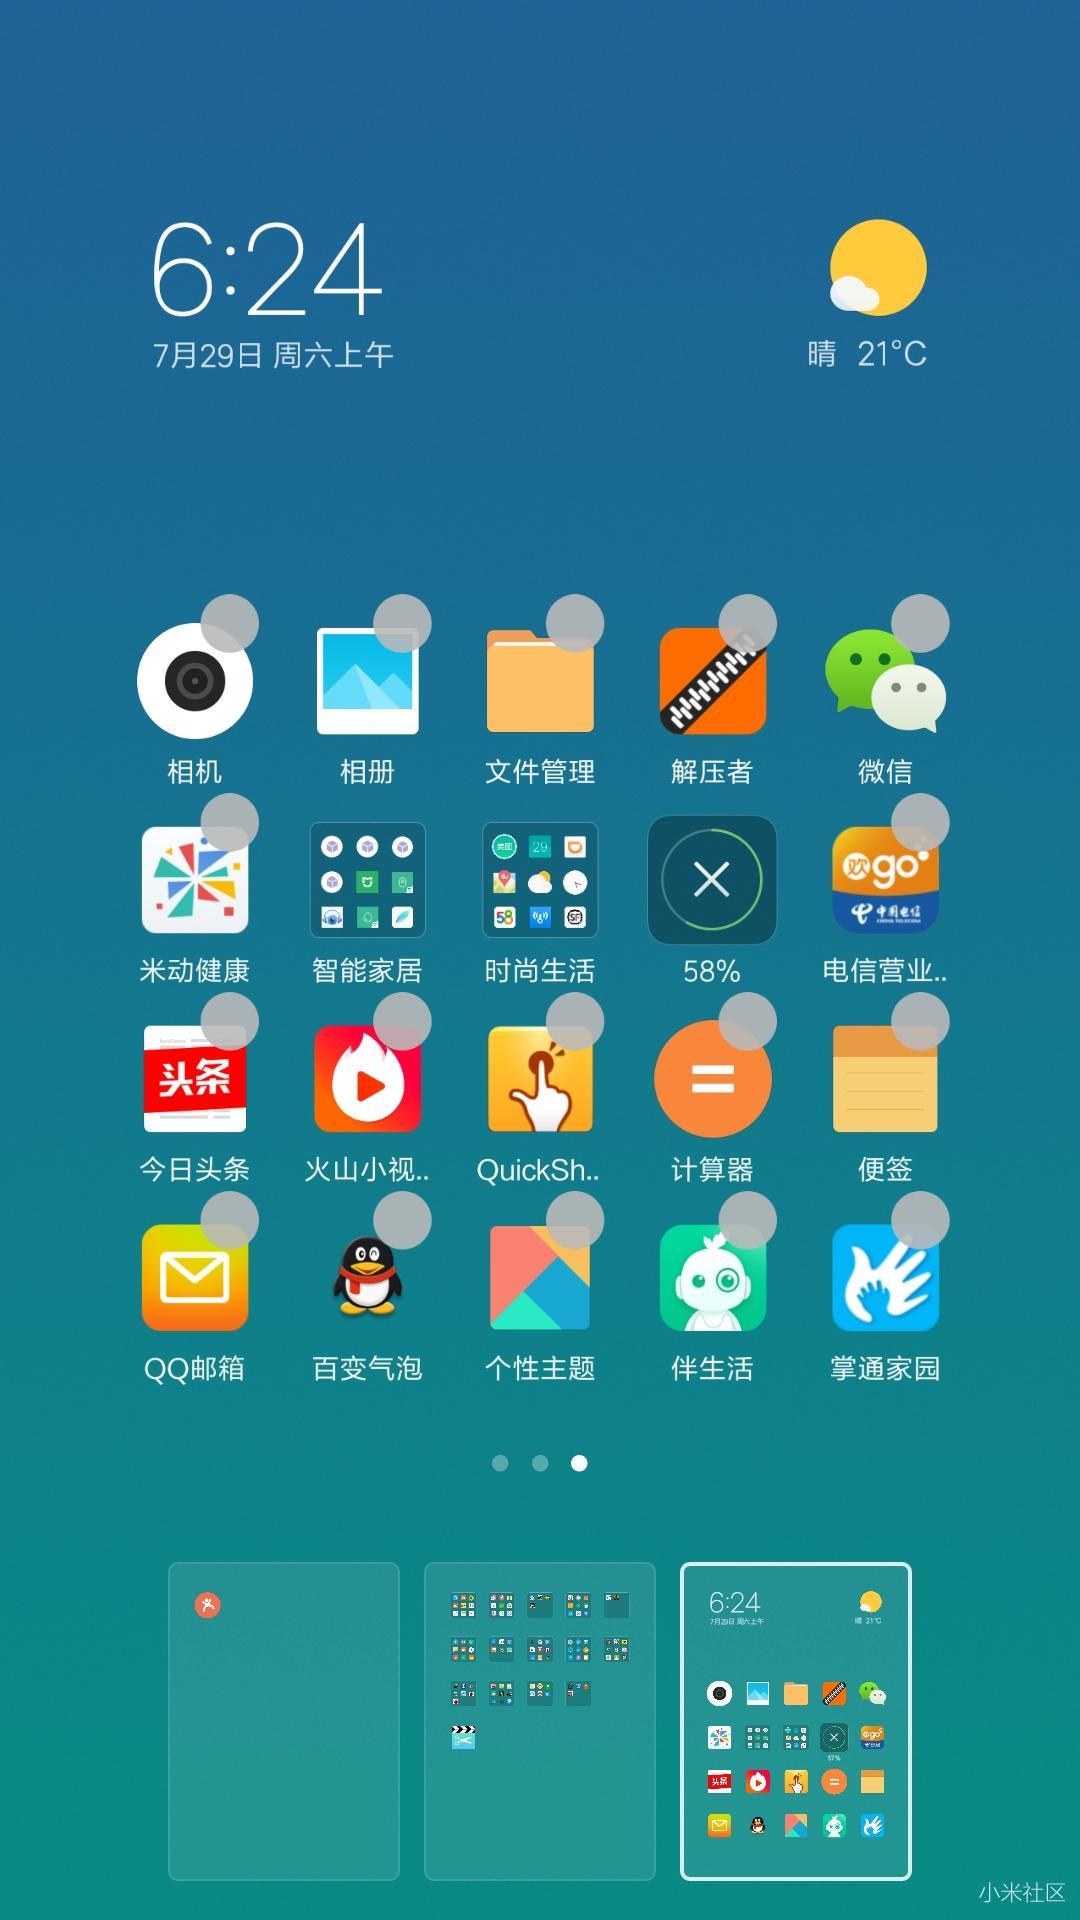 【图片4】MIUI 9 新功能速递,5项大升级需注意